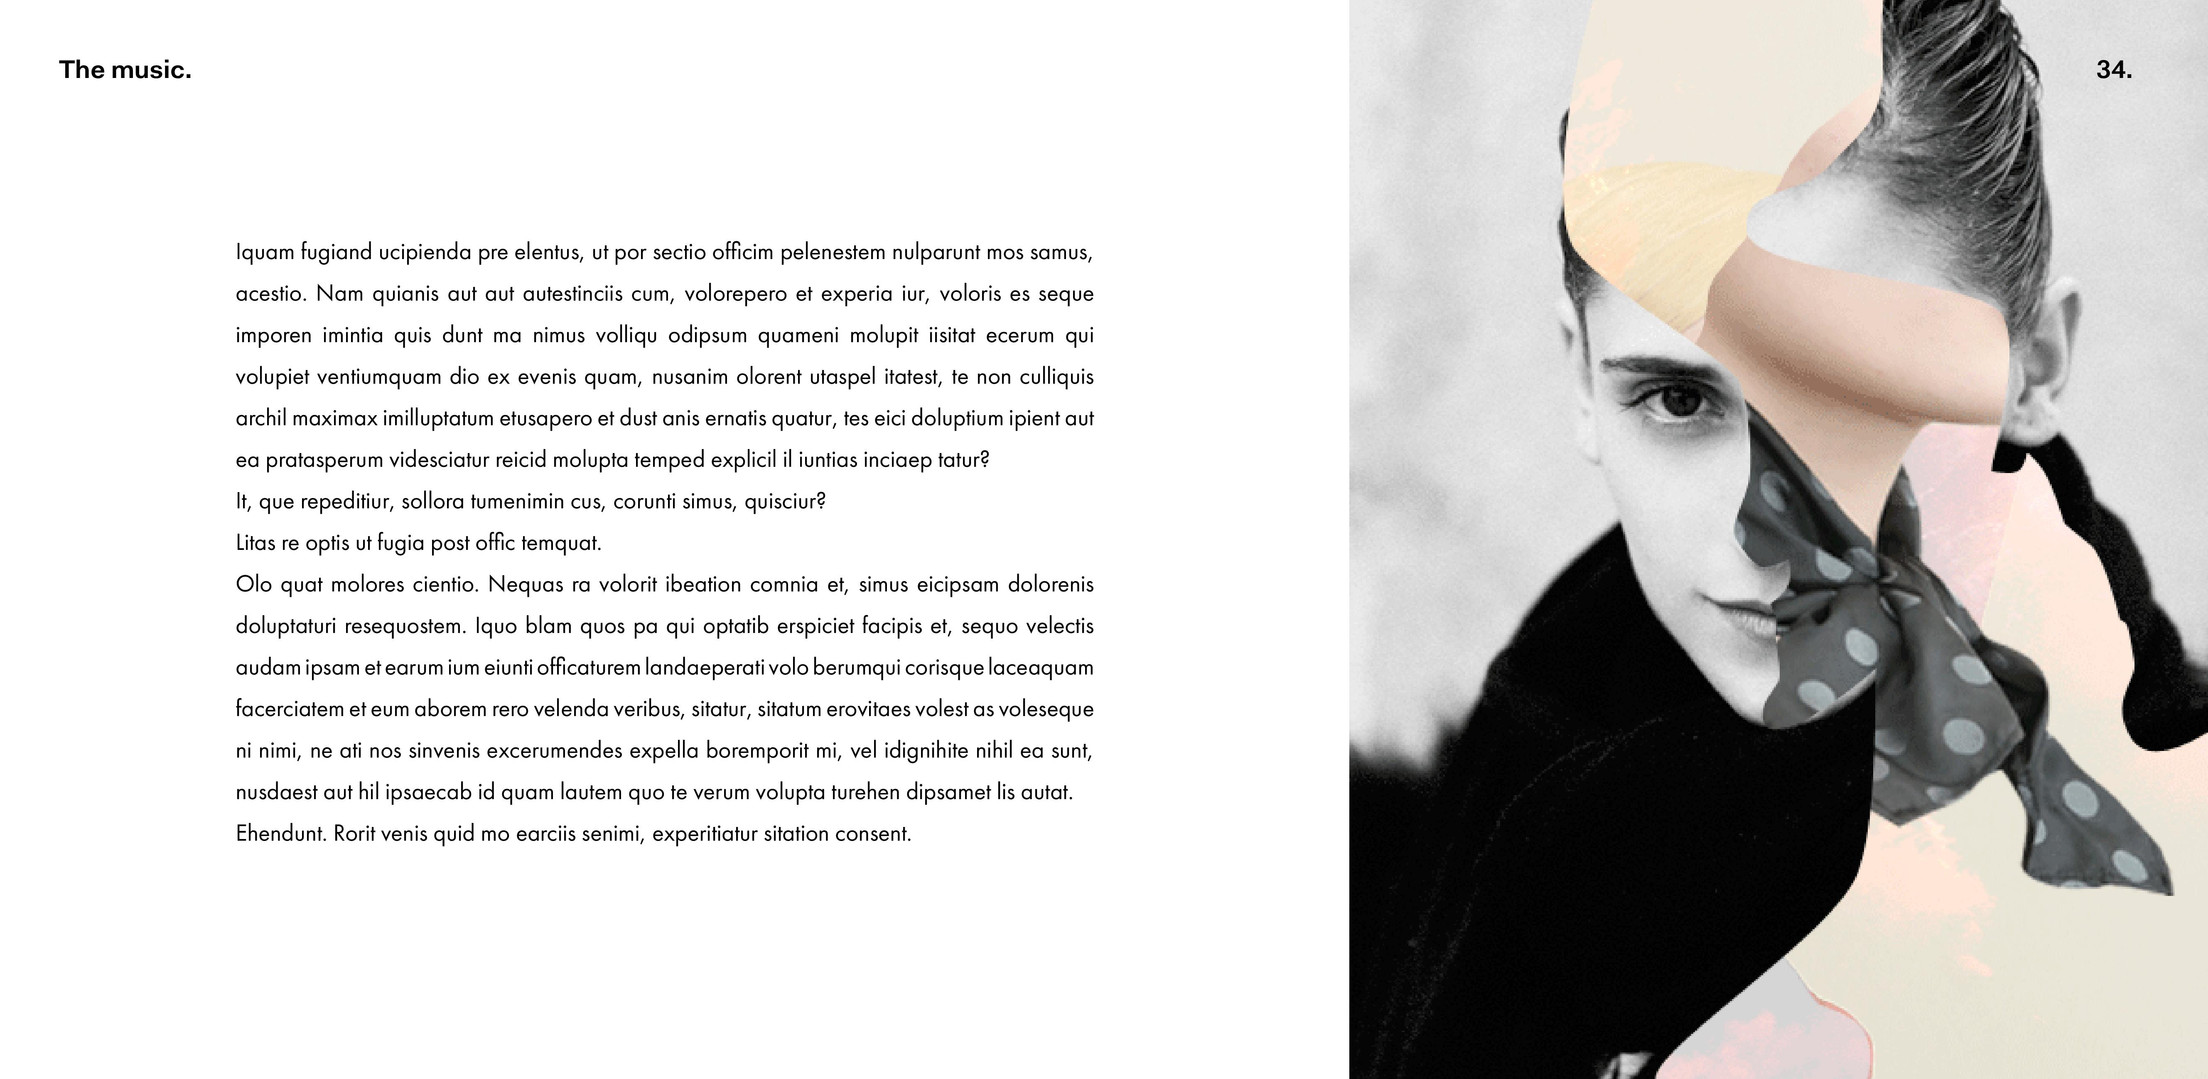 KP_BEAUTYPIE LOREM IPSUM-page-034.jpg